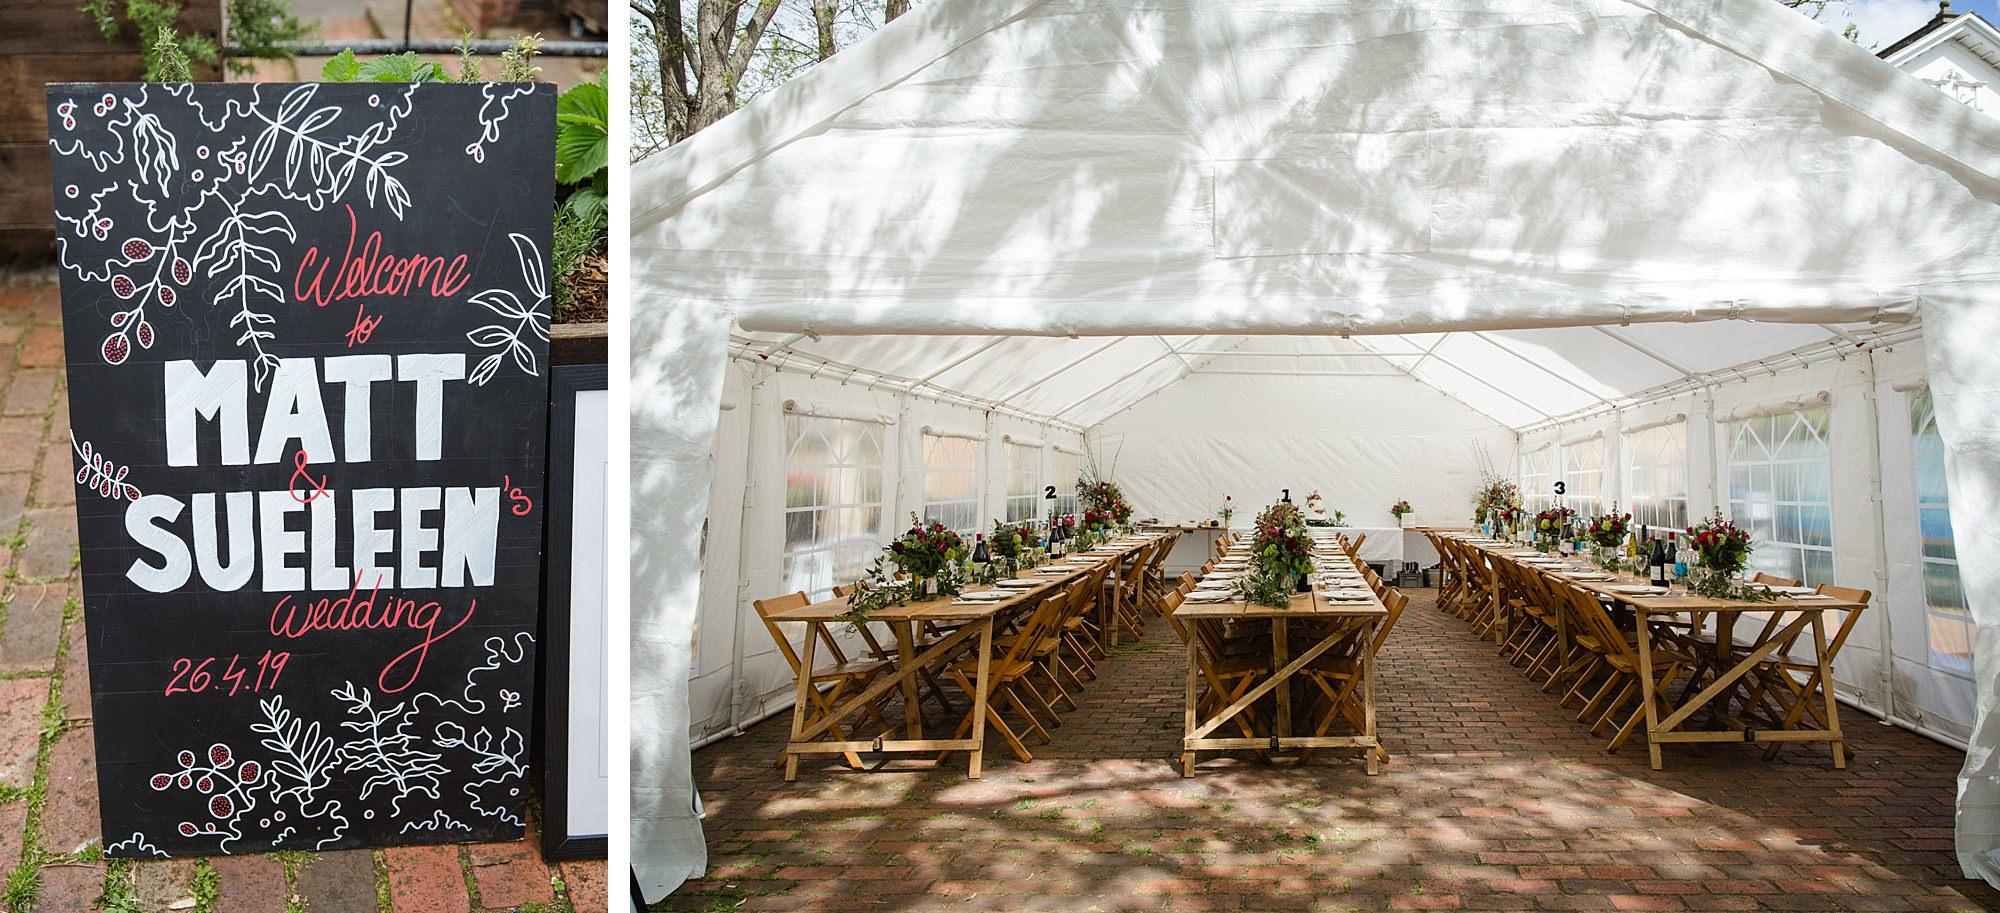 Brunel museum wedding breakfast tent